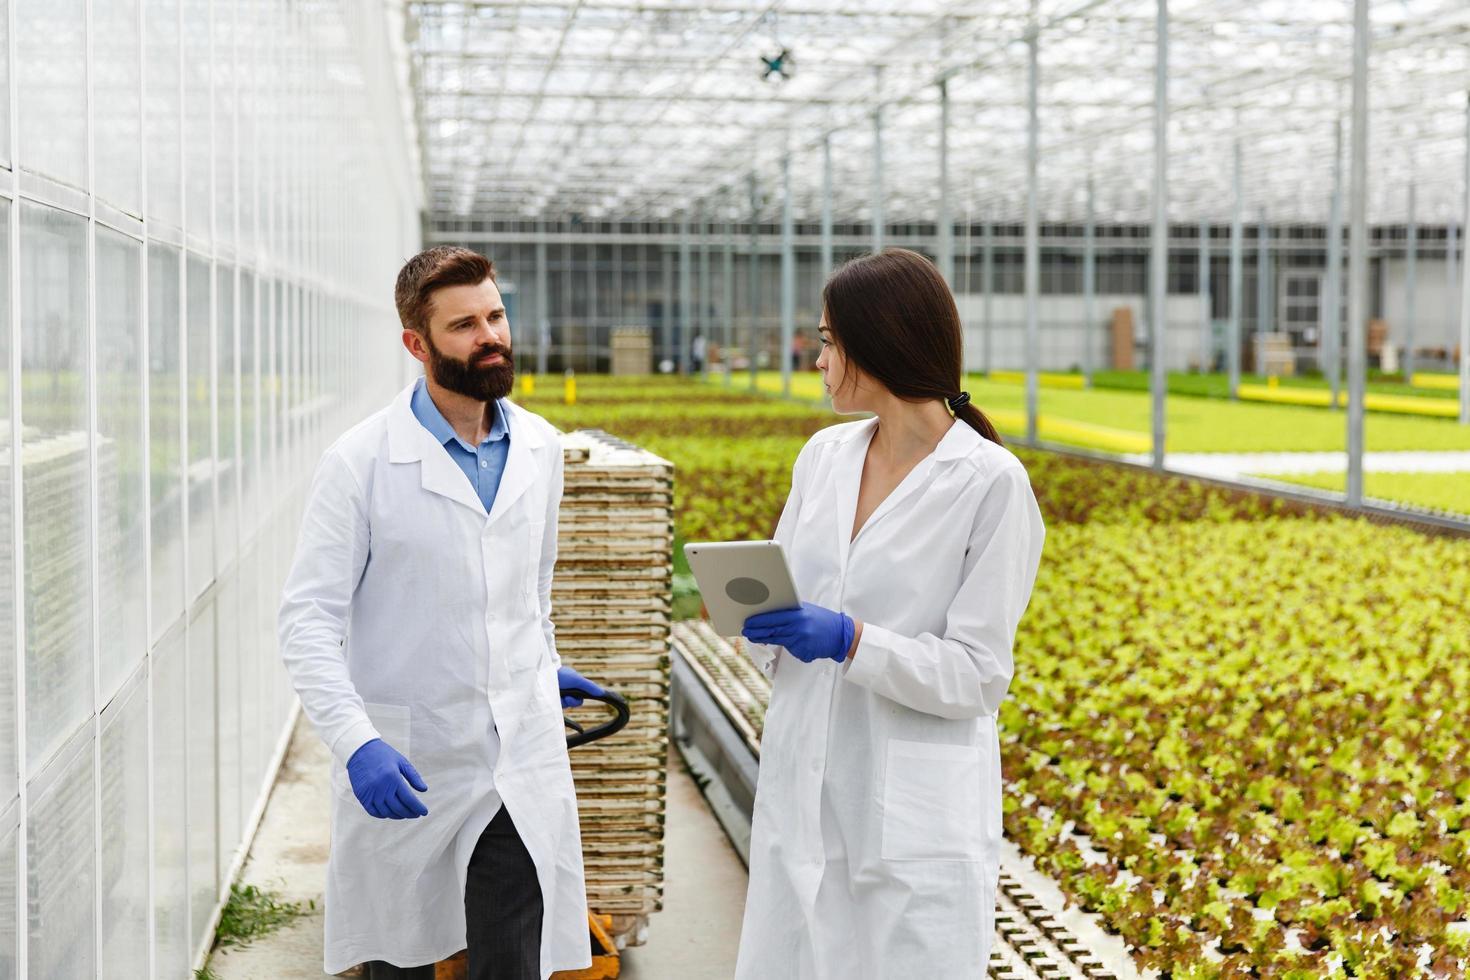 två forskare i laboratoriekläder går runt växthuset med en tablett foto